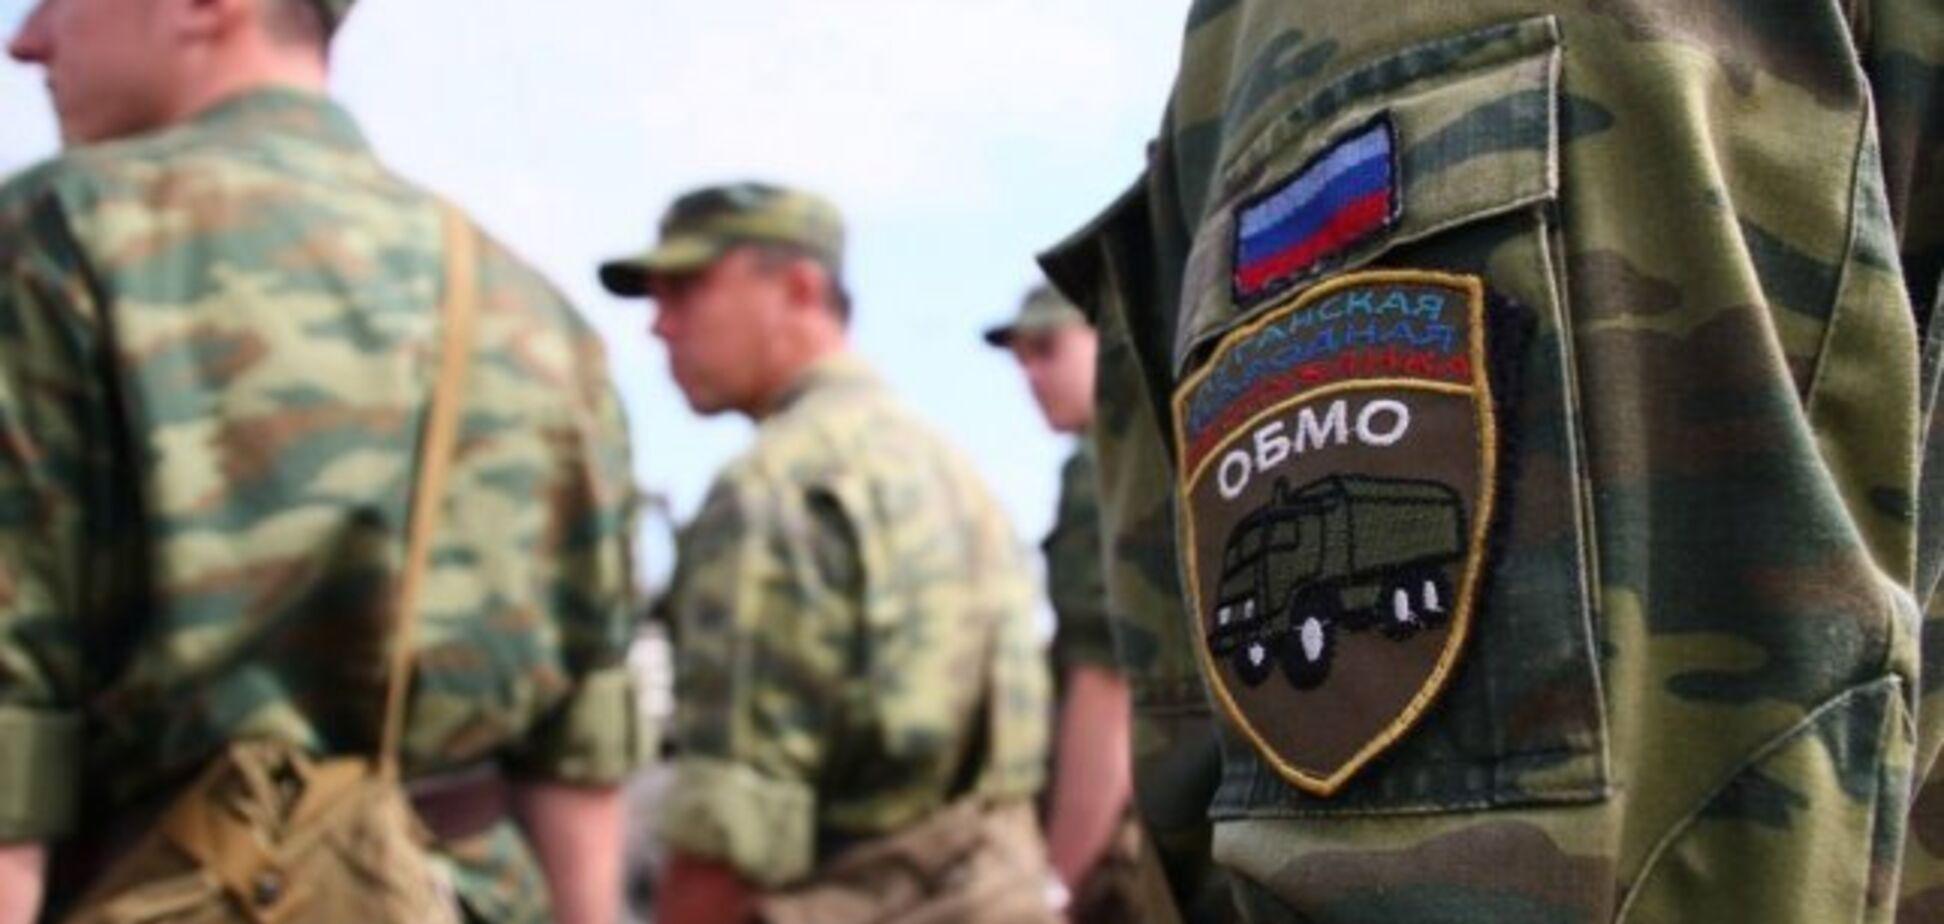 ''Украинский партизан'': в России ярко потроллили террористов ''Л/ДНР''